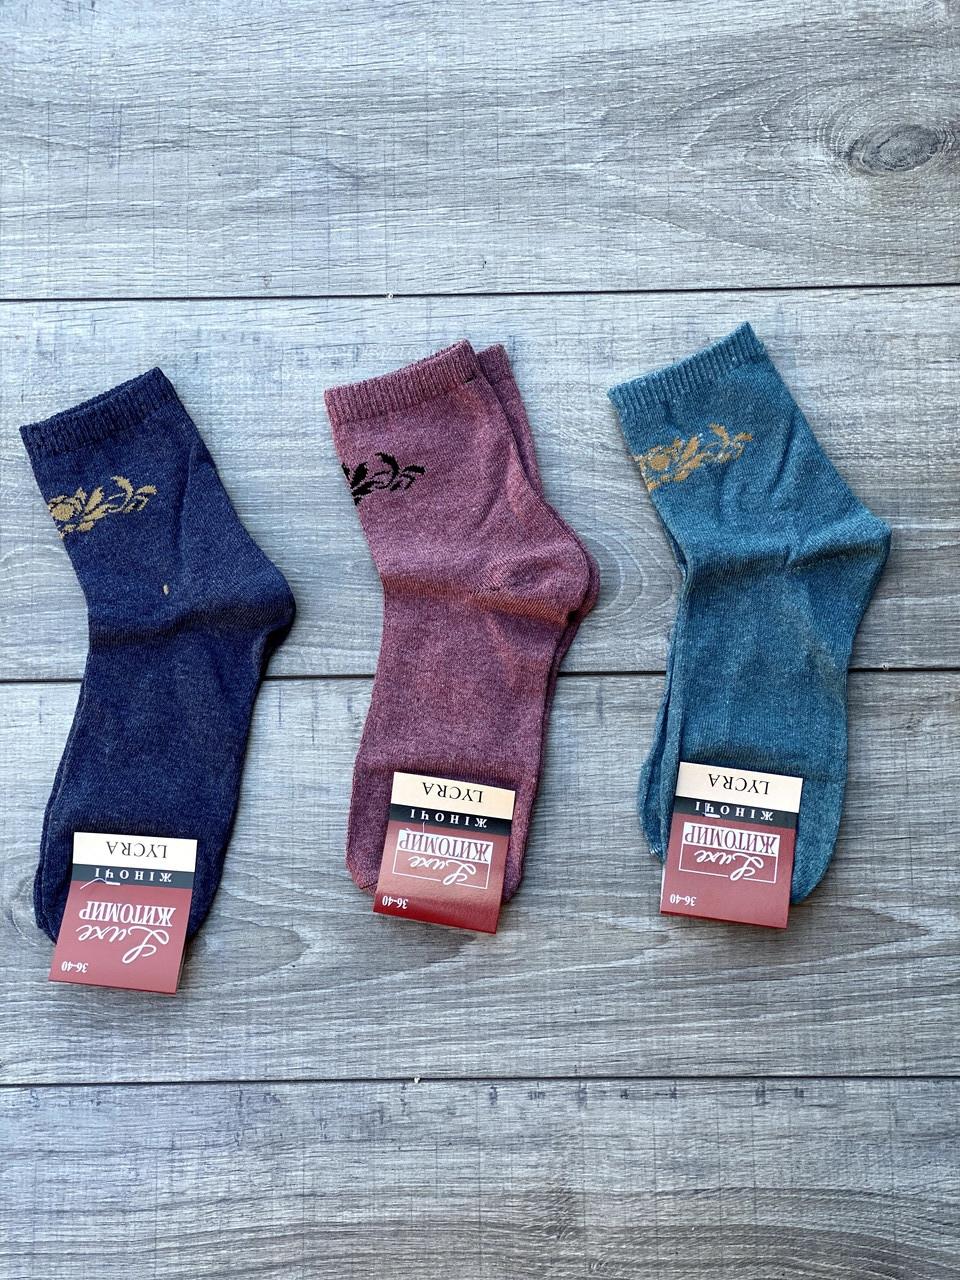 Жіночі носки шкарпетки стрейчеві Житомир Люкс з малюнком листочків 36-40 12 шт в уп чорні бордові сірі